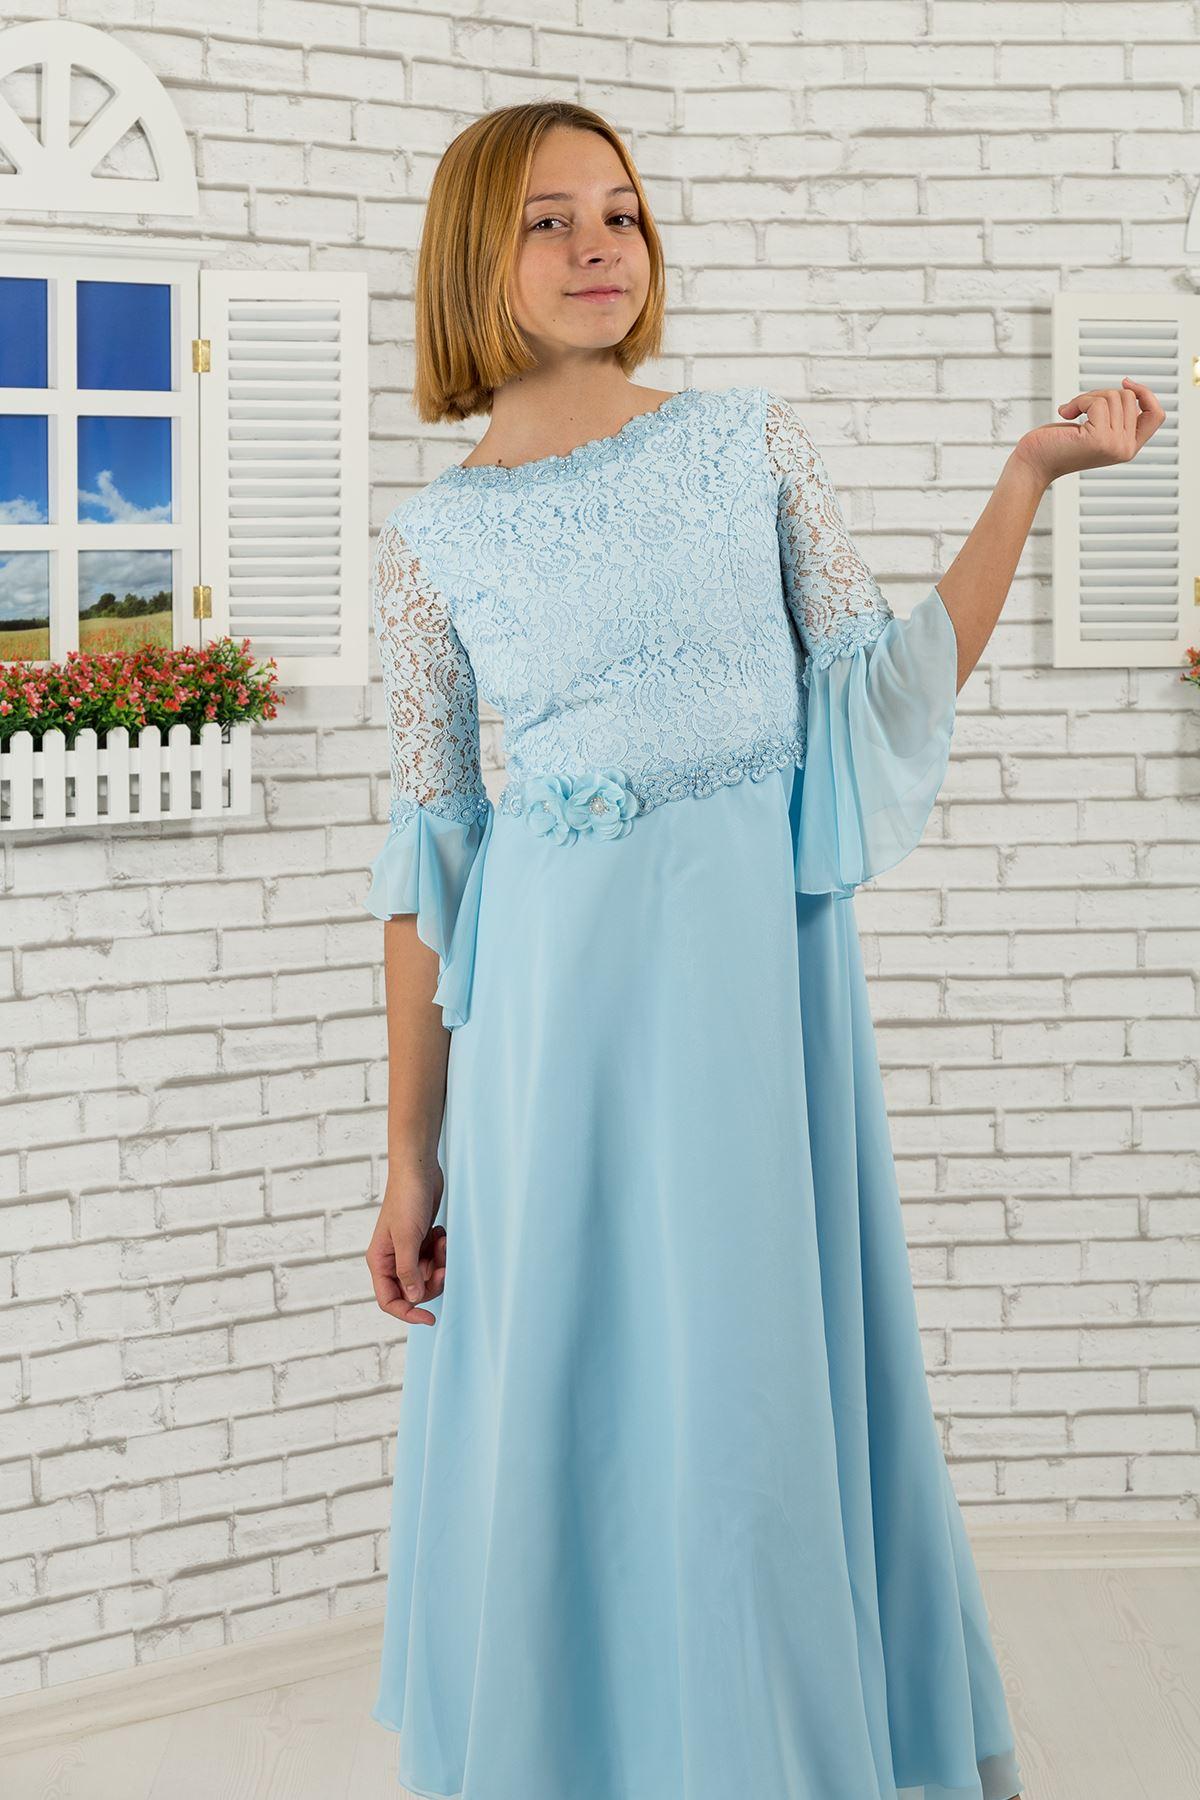 Vestido de noche para niña con cuerpo y mangas de encaje, detalle de flores en la cintura 463 Baby Blue